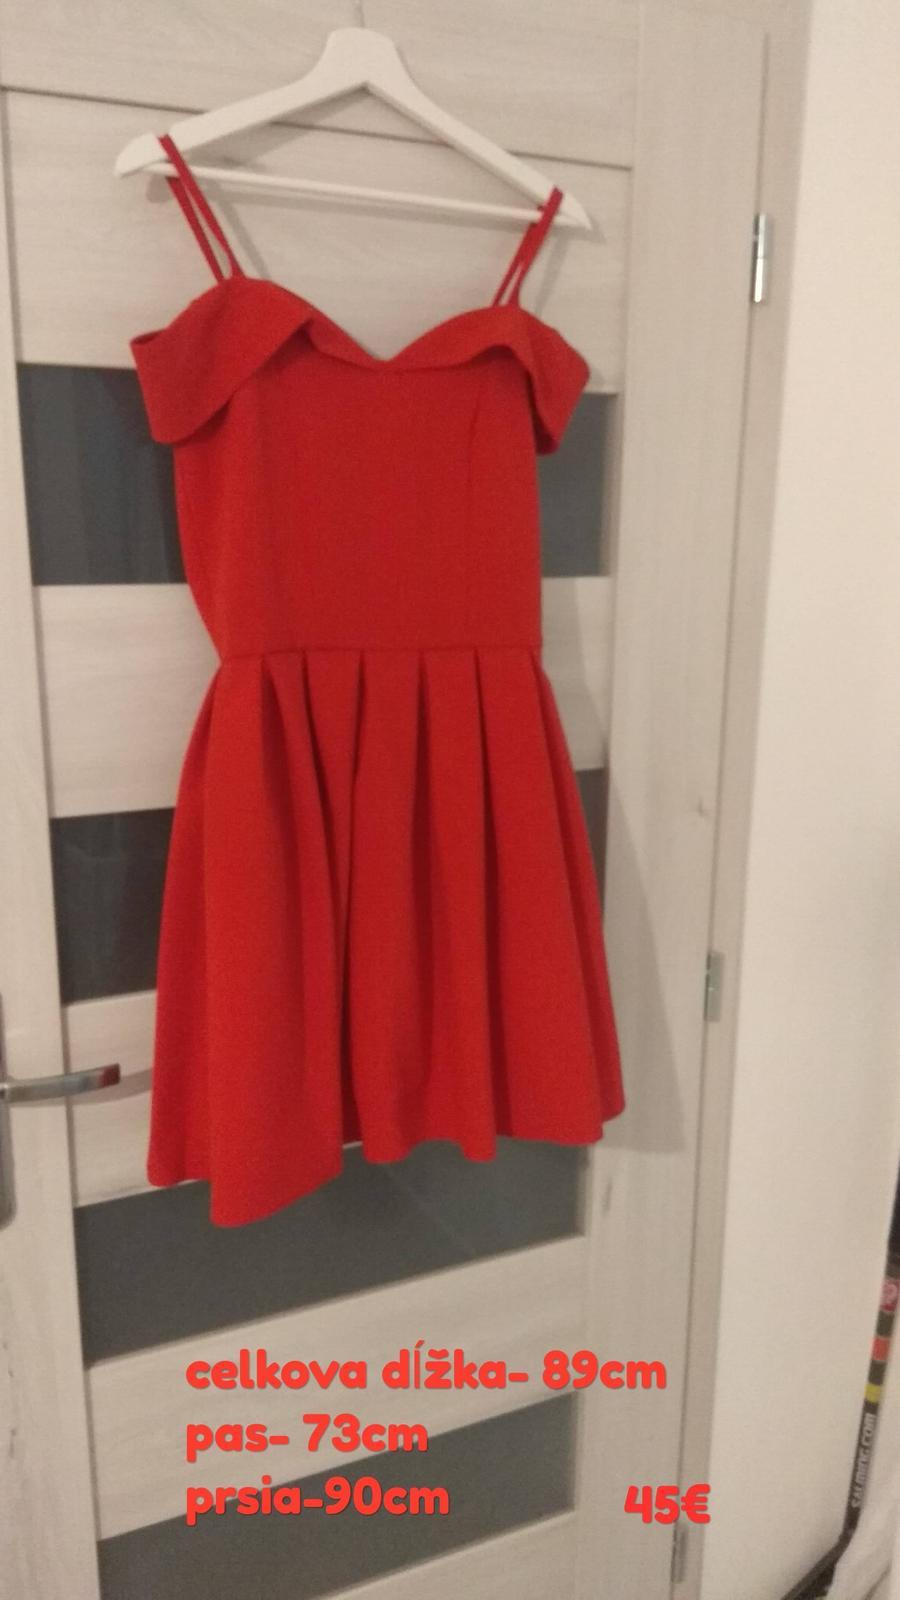 Redové šaty - Obrázok č. 1